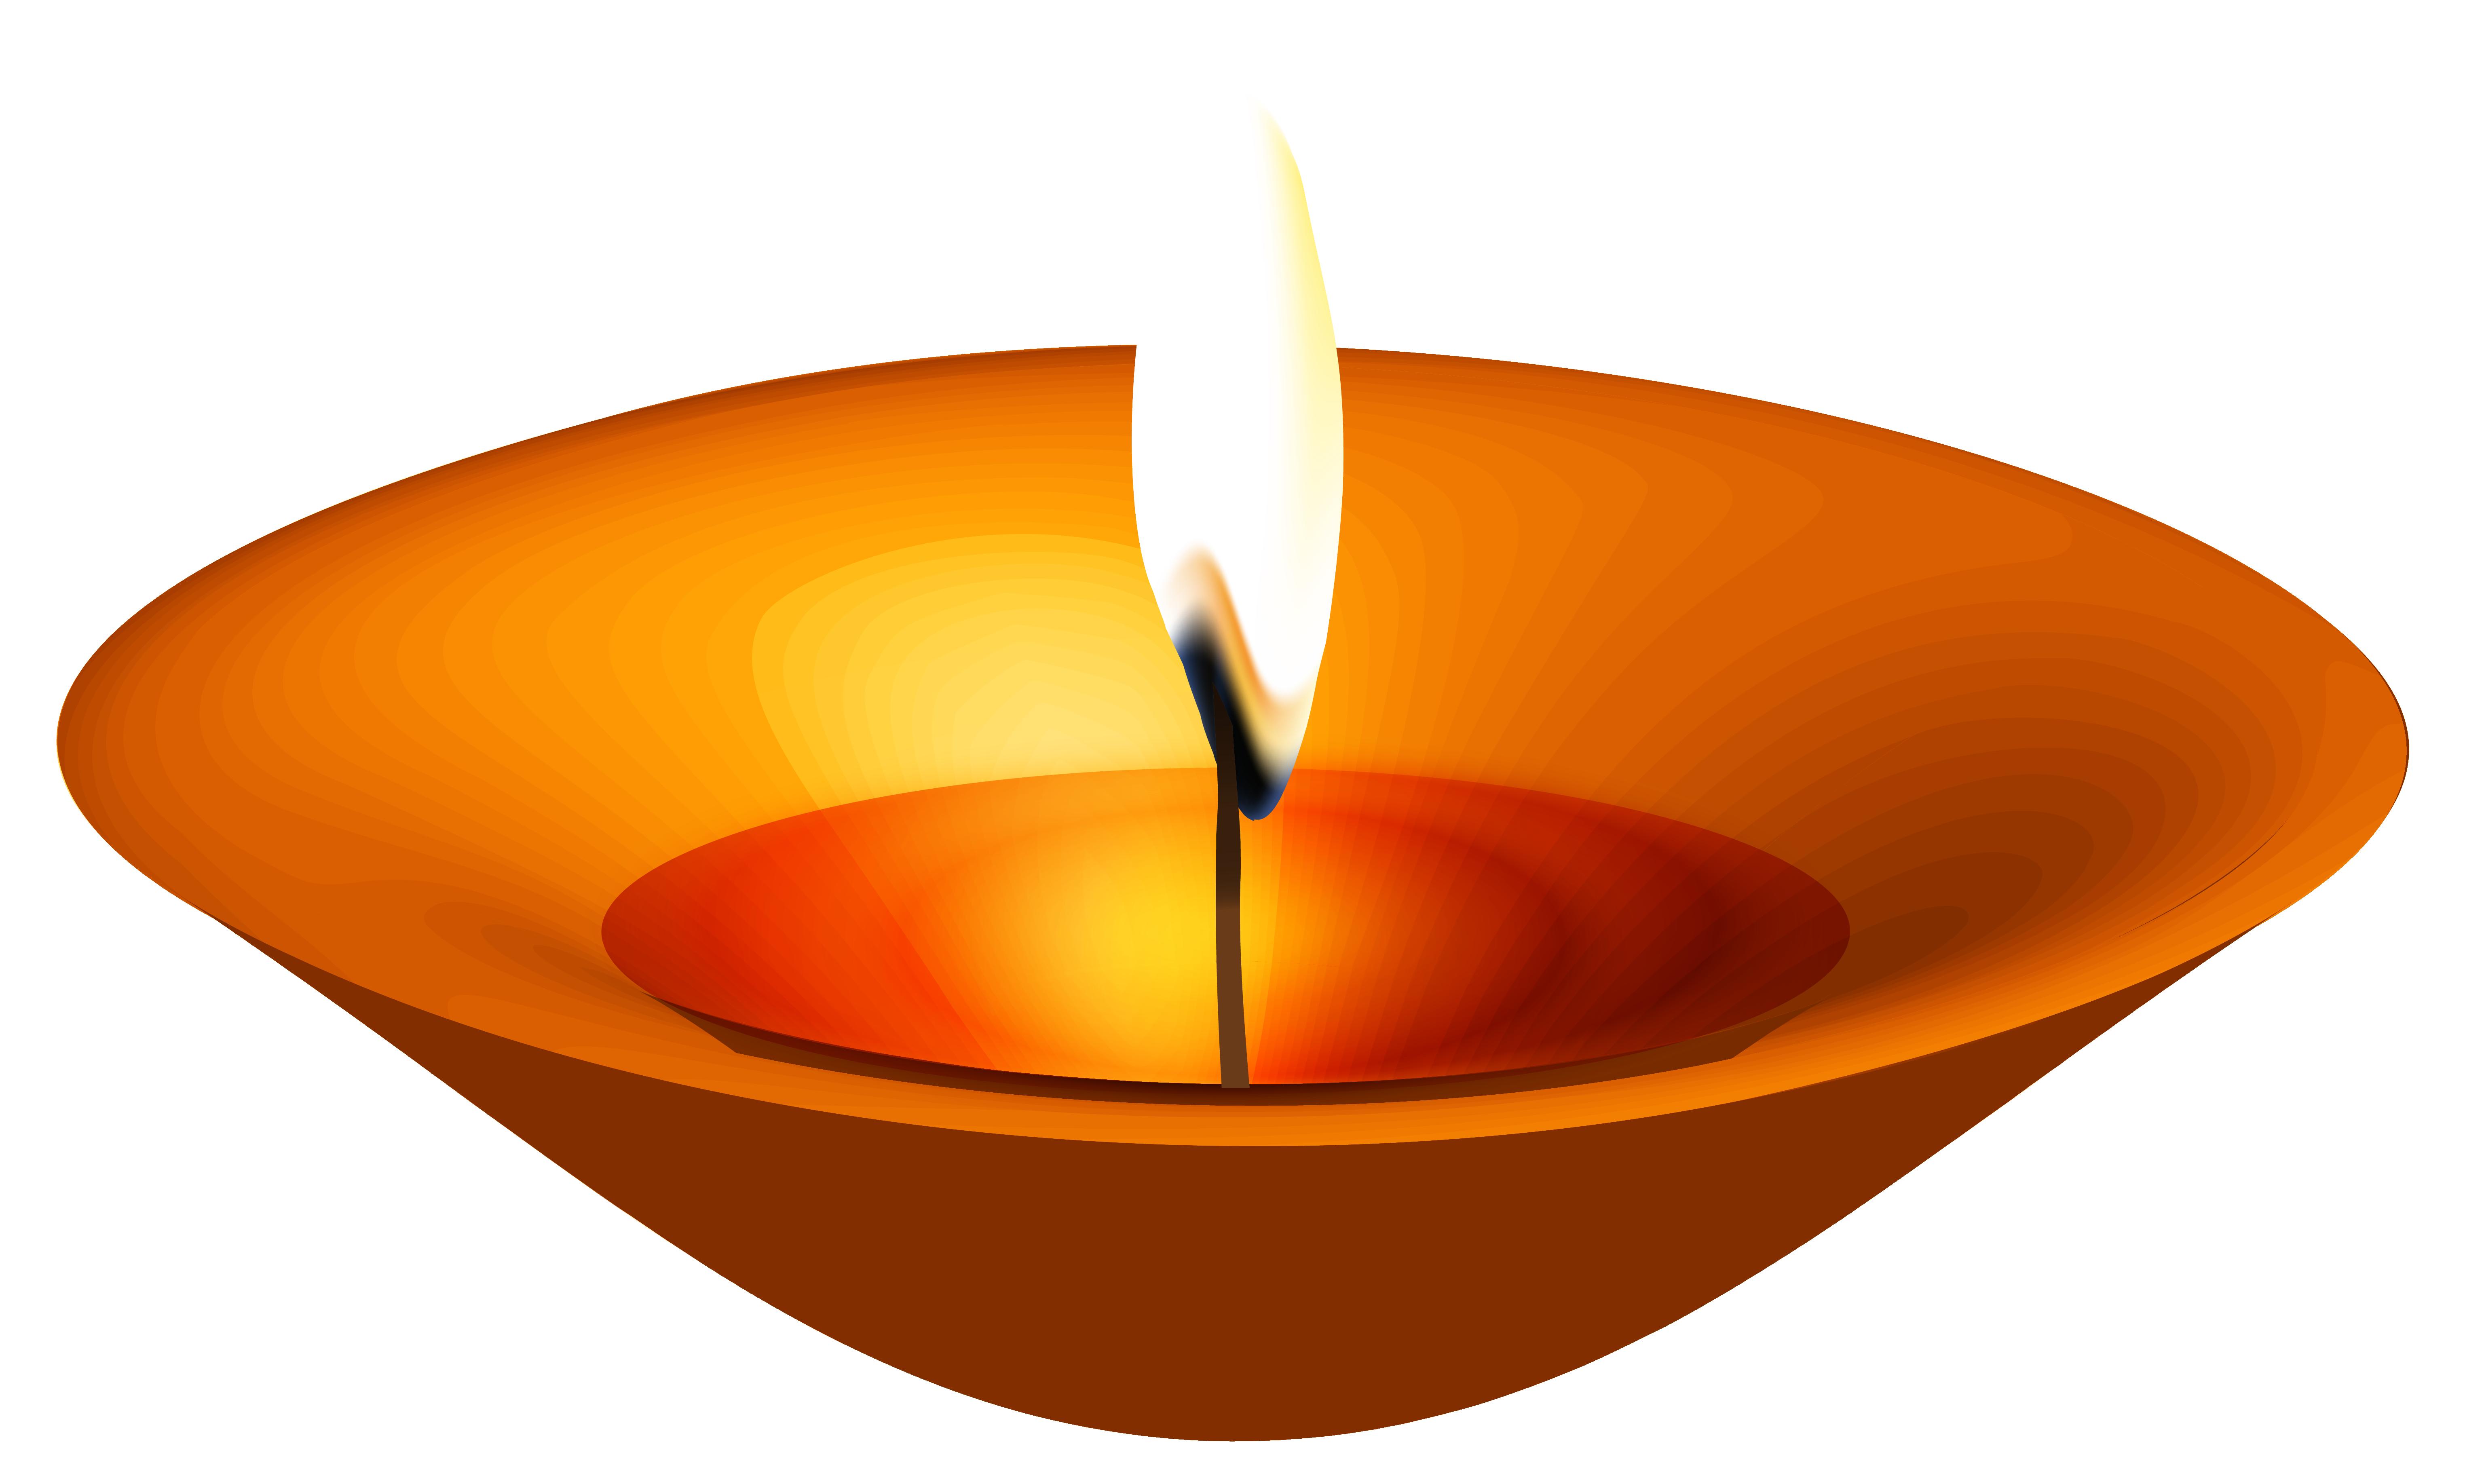 Diwali Png - ClipArt Best